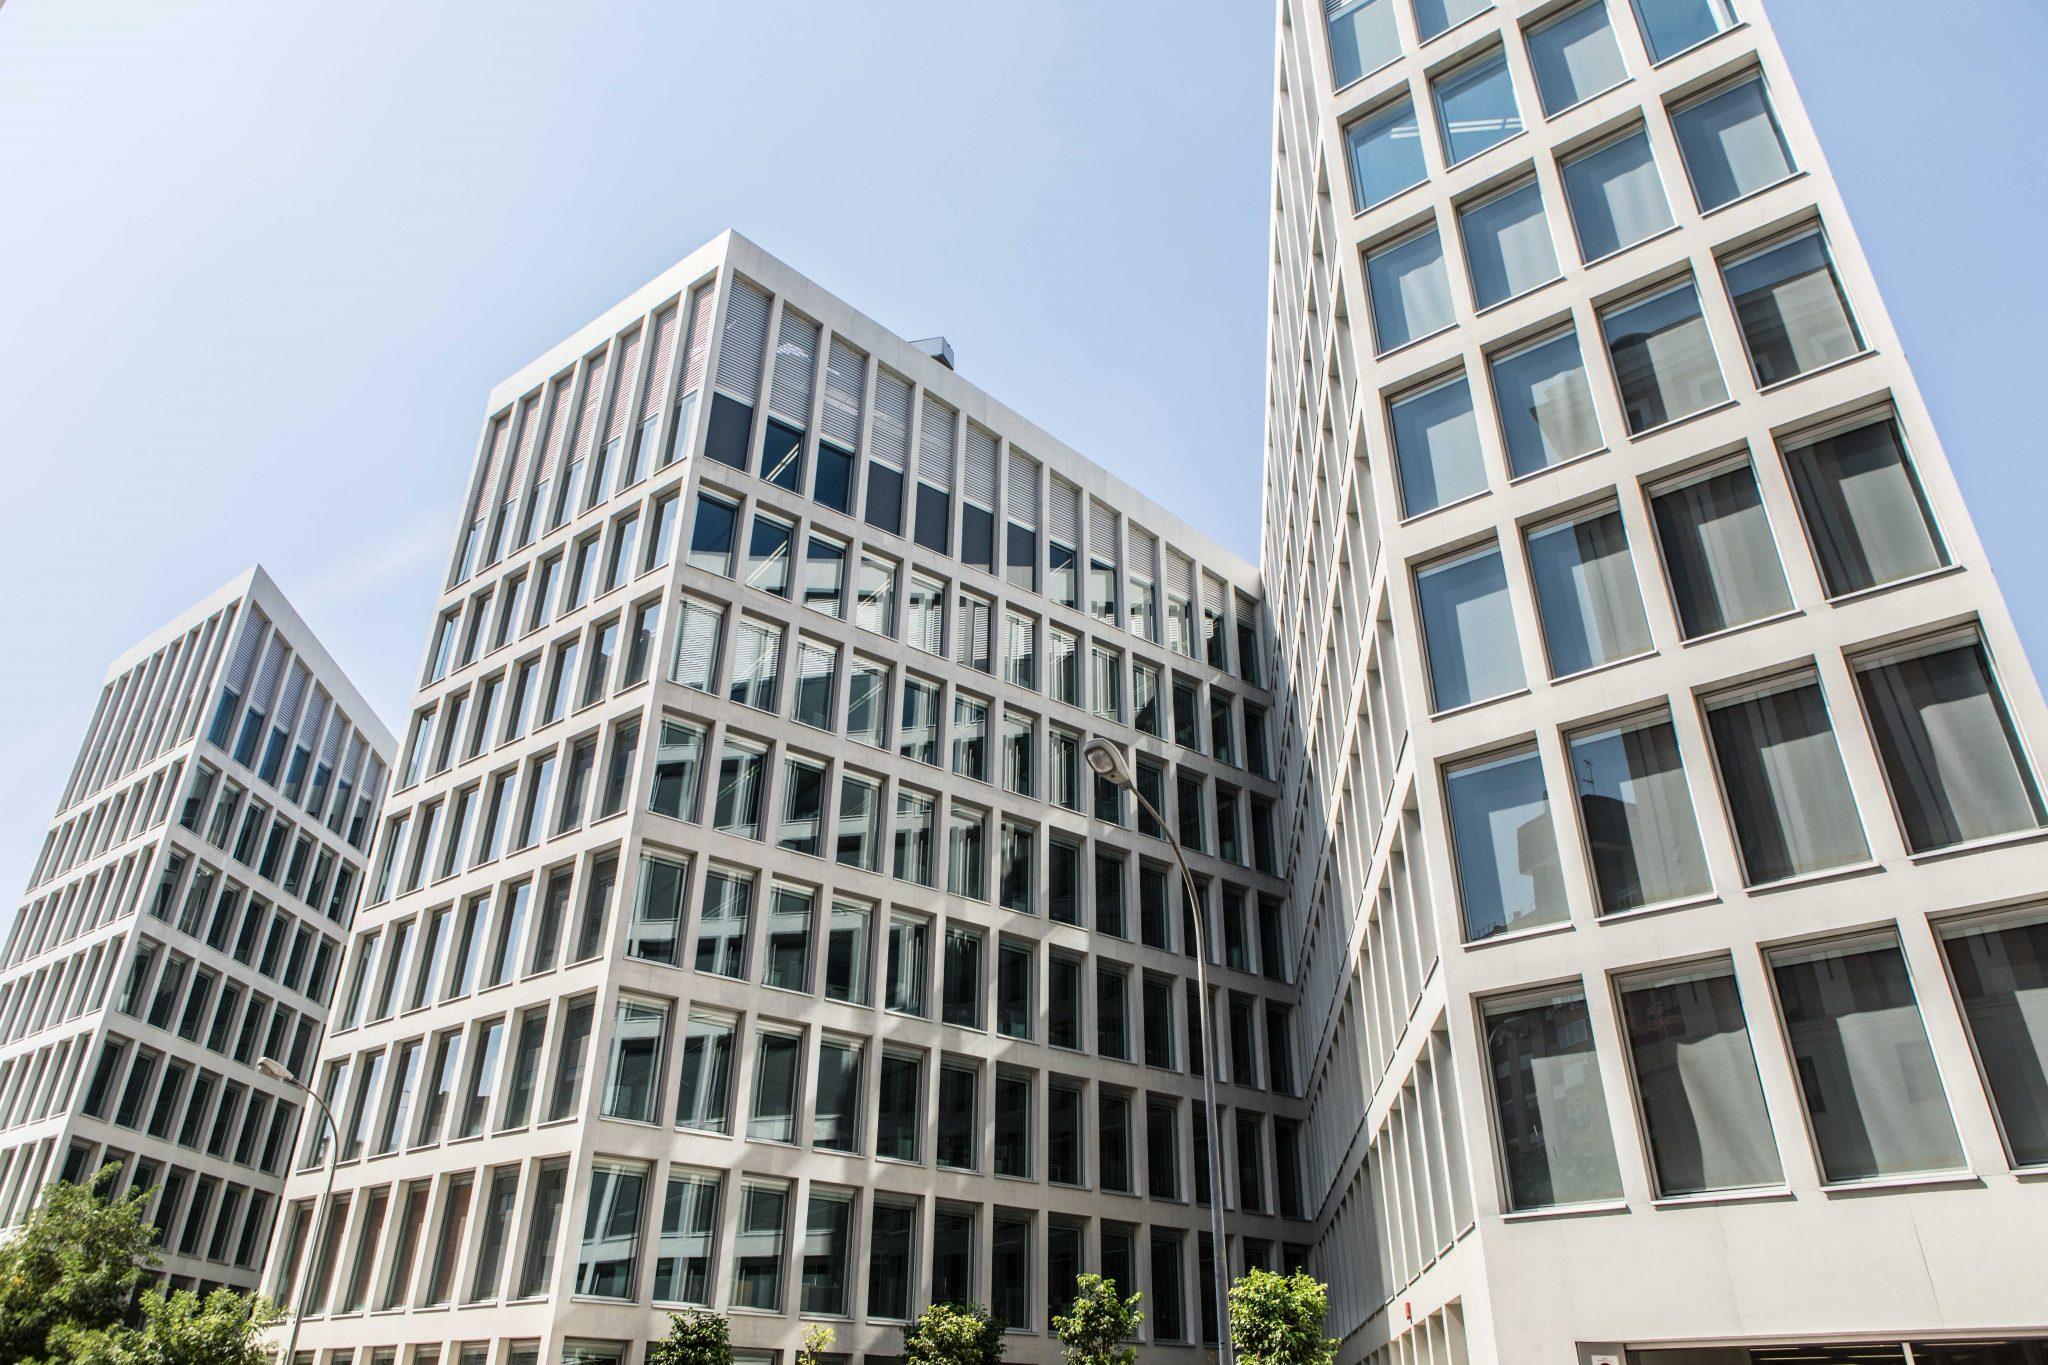 Instalaciones de climatizacion en edificios